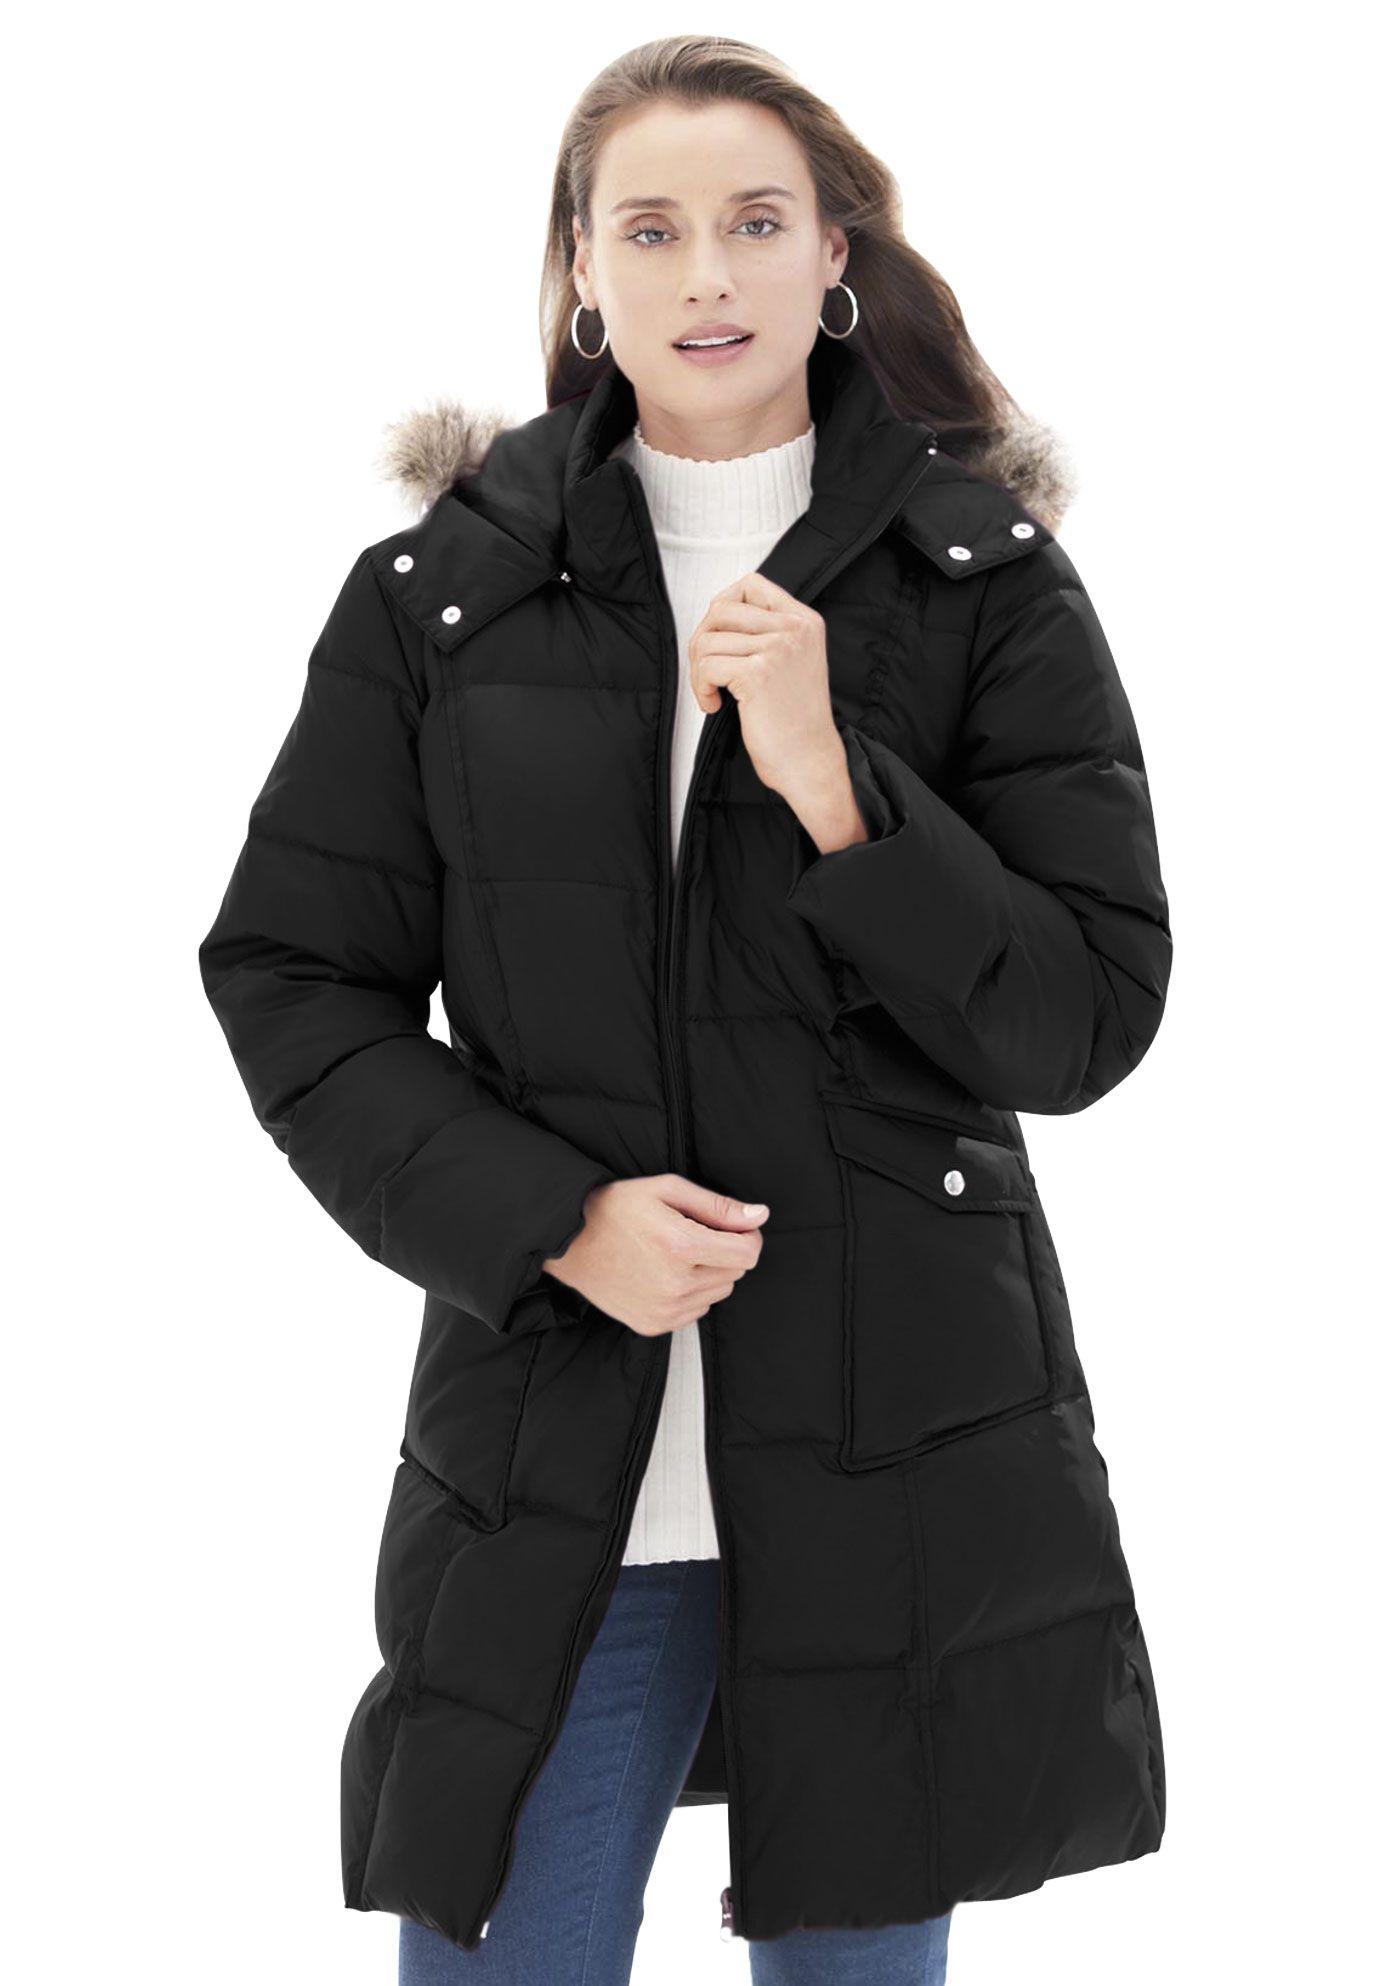 Modern Plus Size Fashion Professional Women S Plus Size Clothing Plus Size Plus Size Outerwear Ladies Of London [ 1986 x 1380 Pixel ]